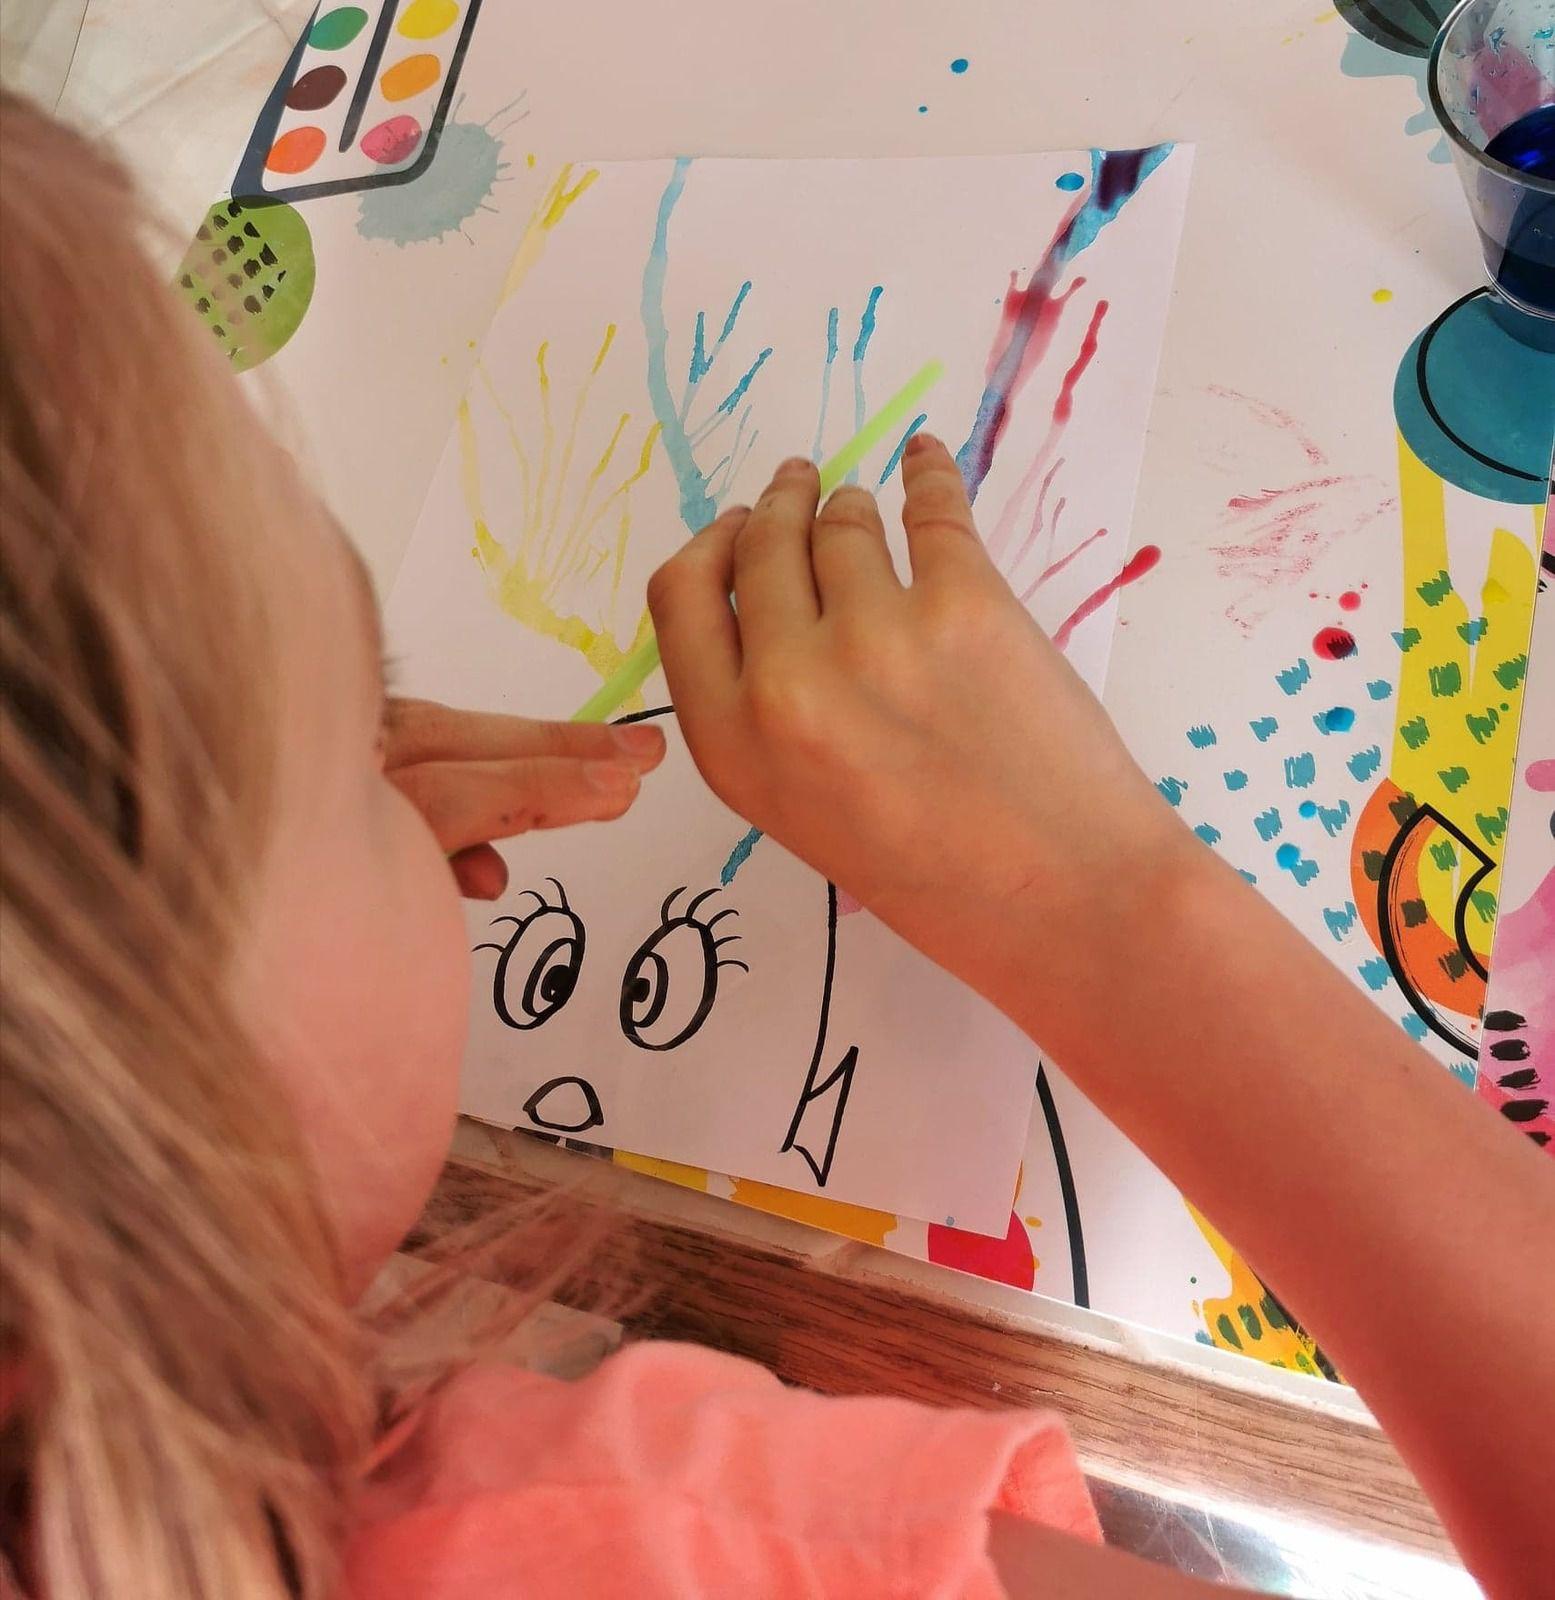 dessiner en soufflant de l'eau colorée avec une paille